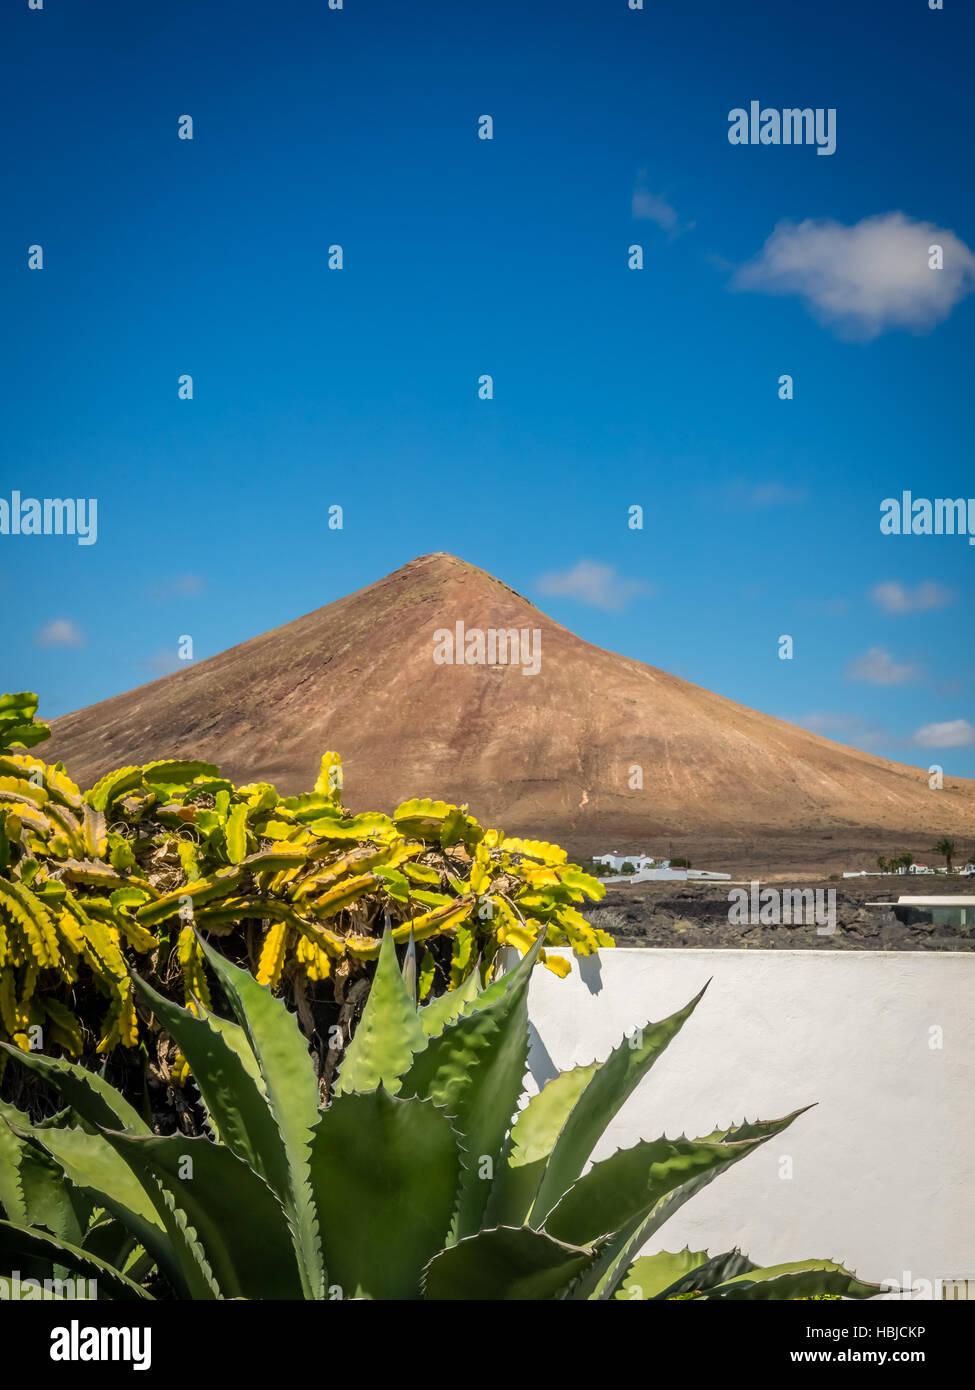 Volcanoe in central Lanzarote Stock Photo